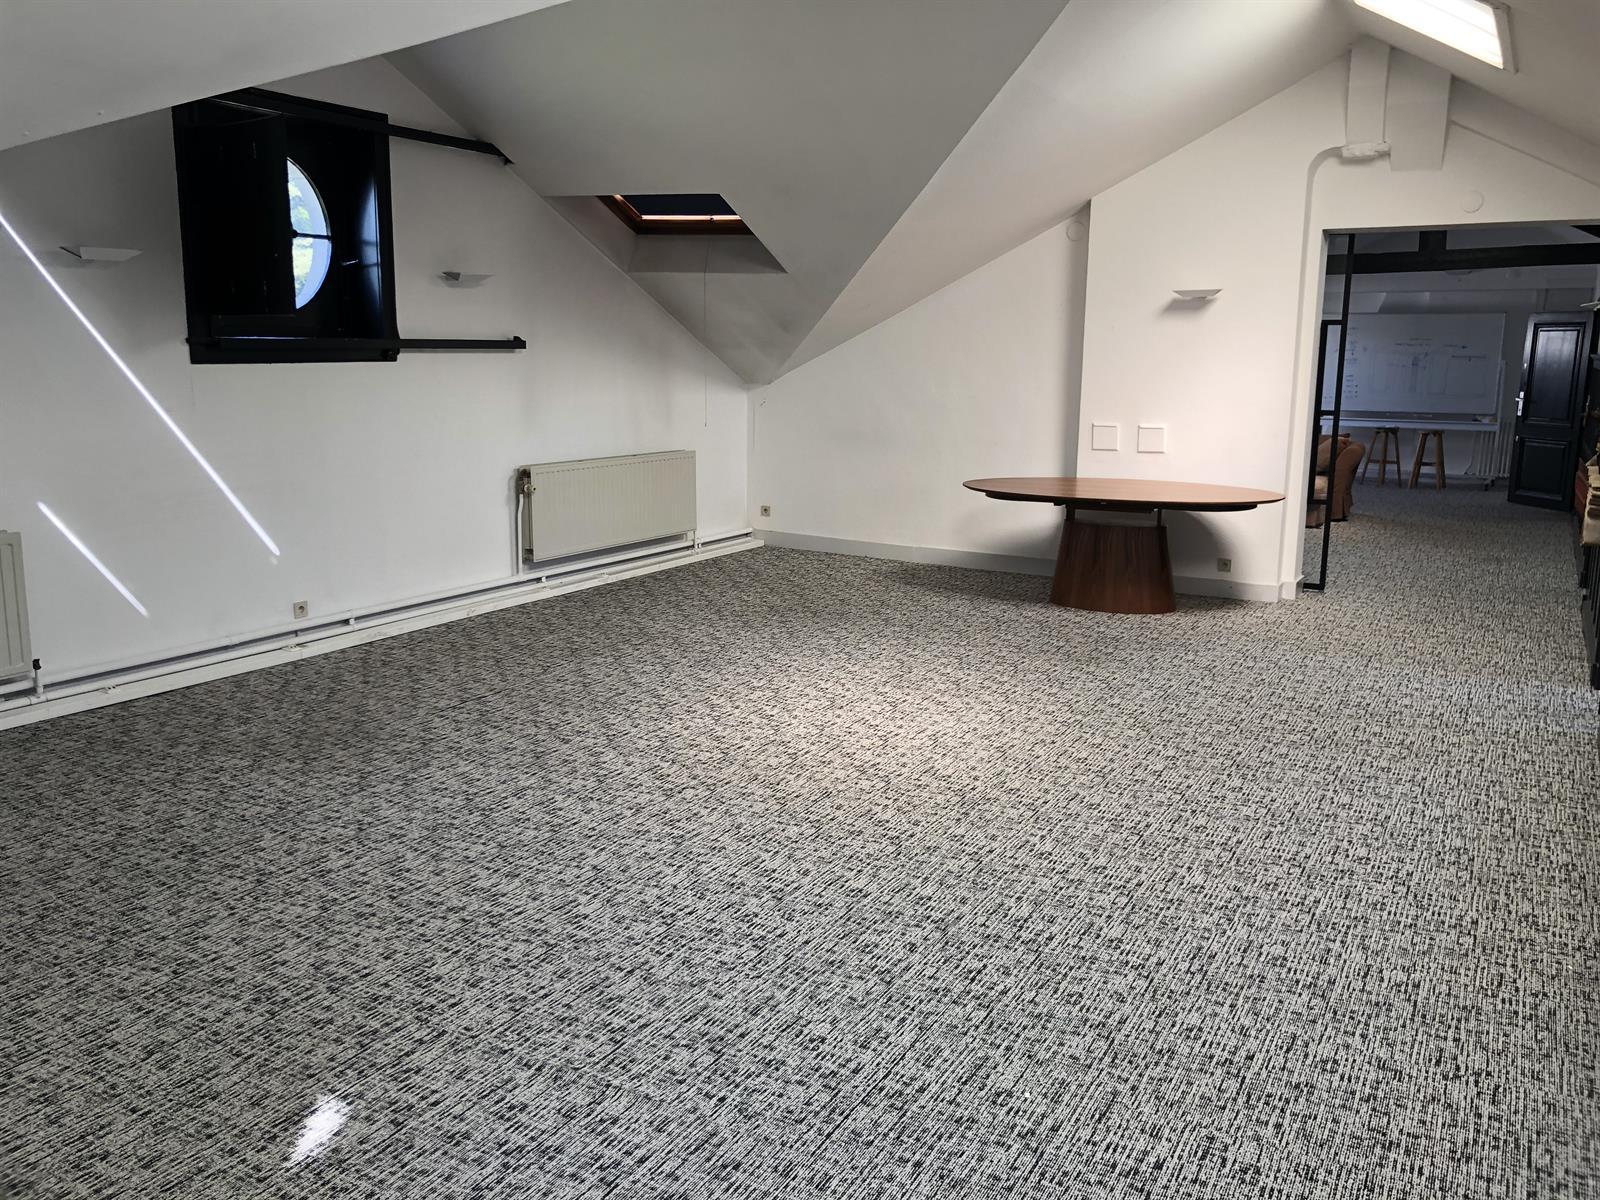 kantoor te huur Kantoorruimte in kasteel den Brandt - Beukenlaan 12, 2020 Antwerpen, België 7